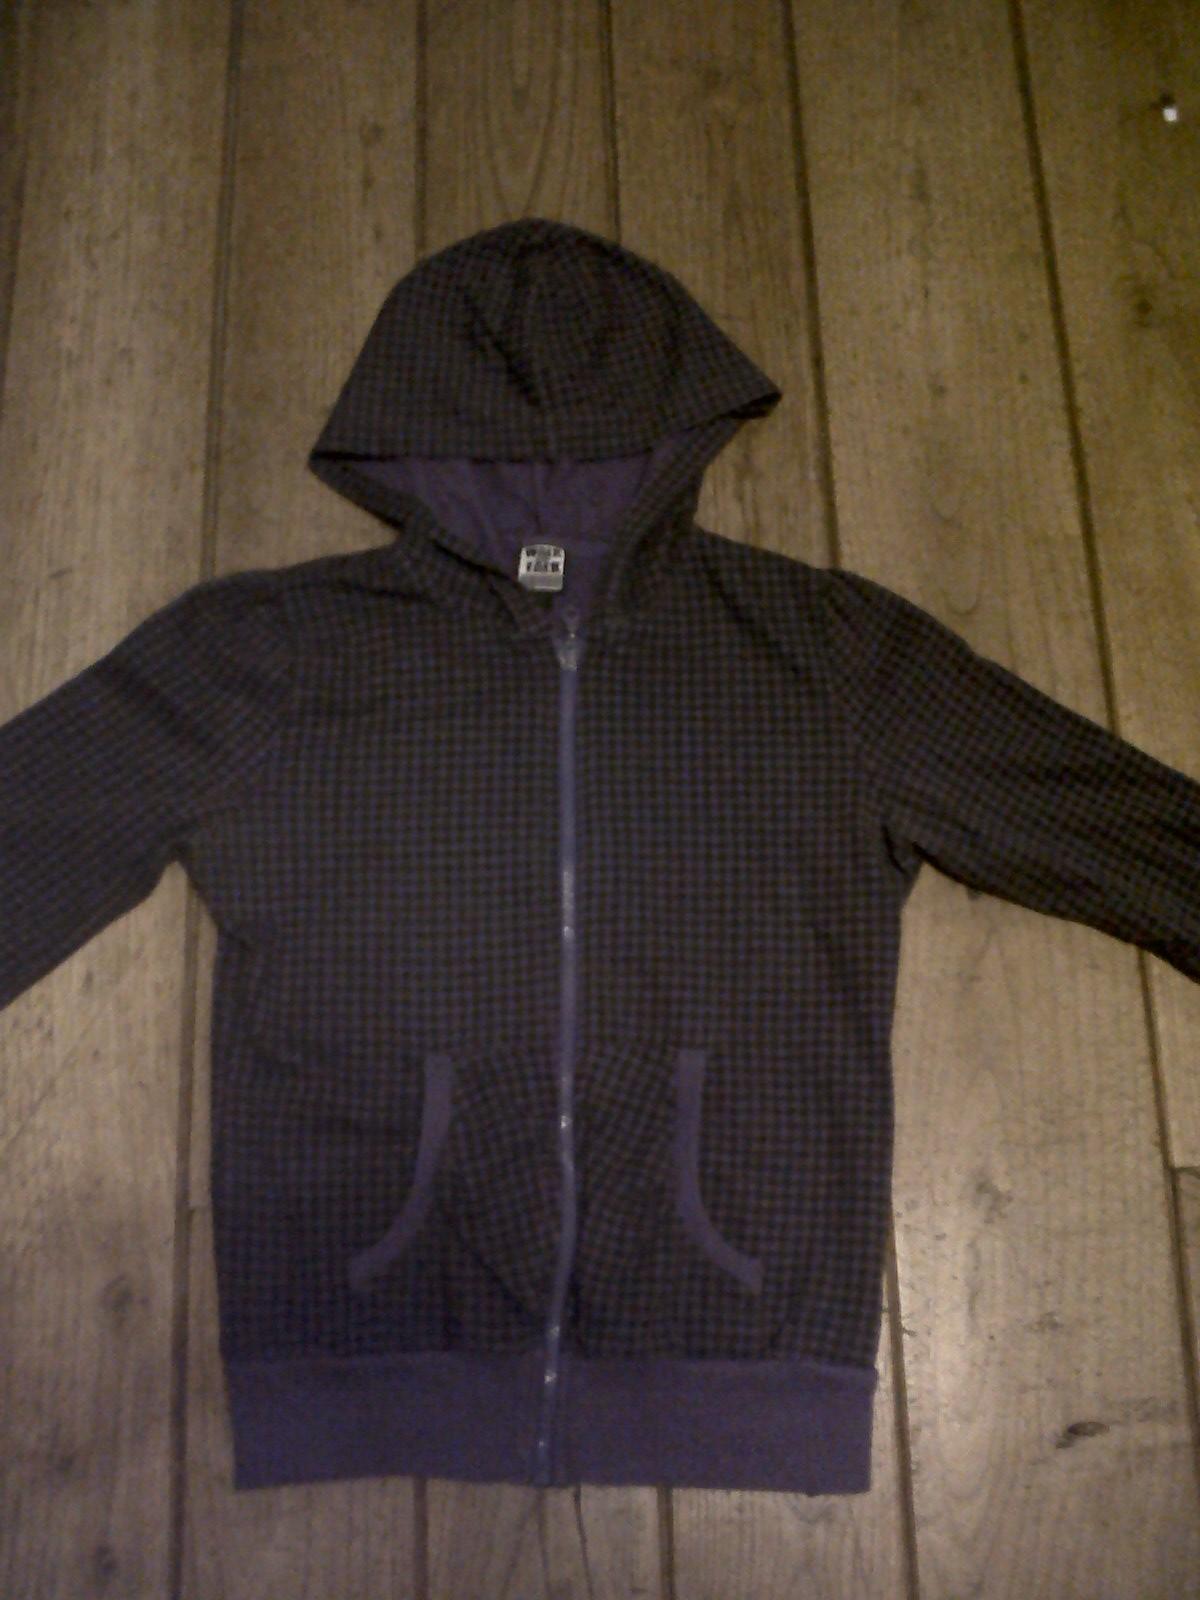 chaqueta morada y negra a cuadraditos